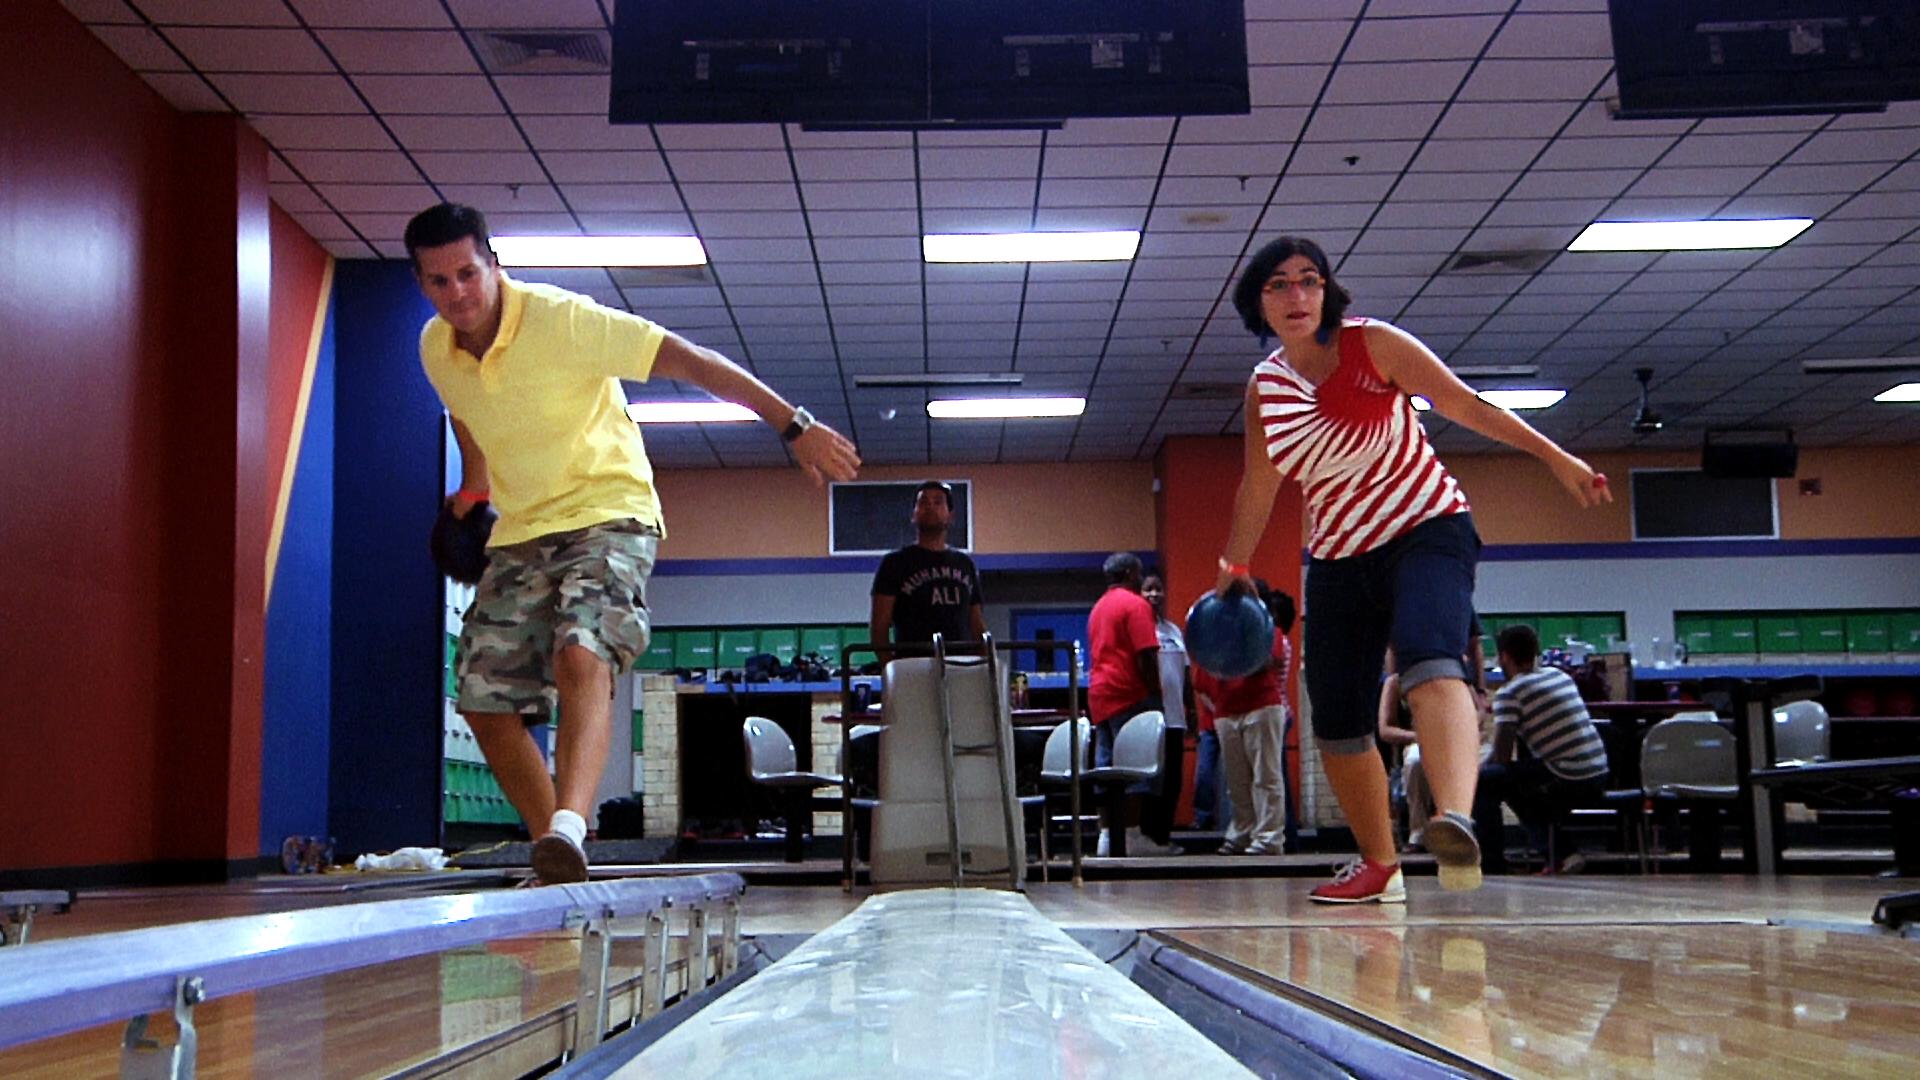 The Muslims Are Coming!: Dean Obeidalla and Negin Farsad bowl down the alley.